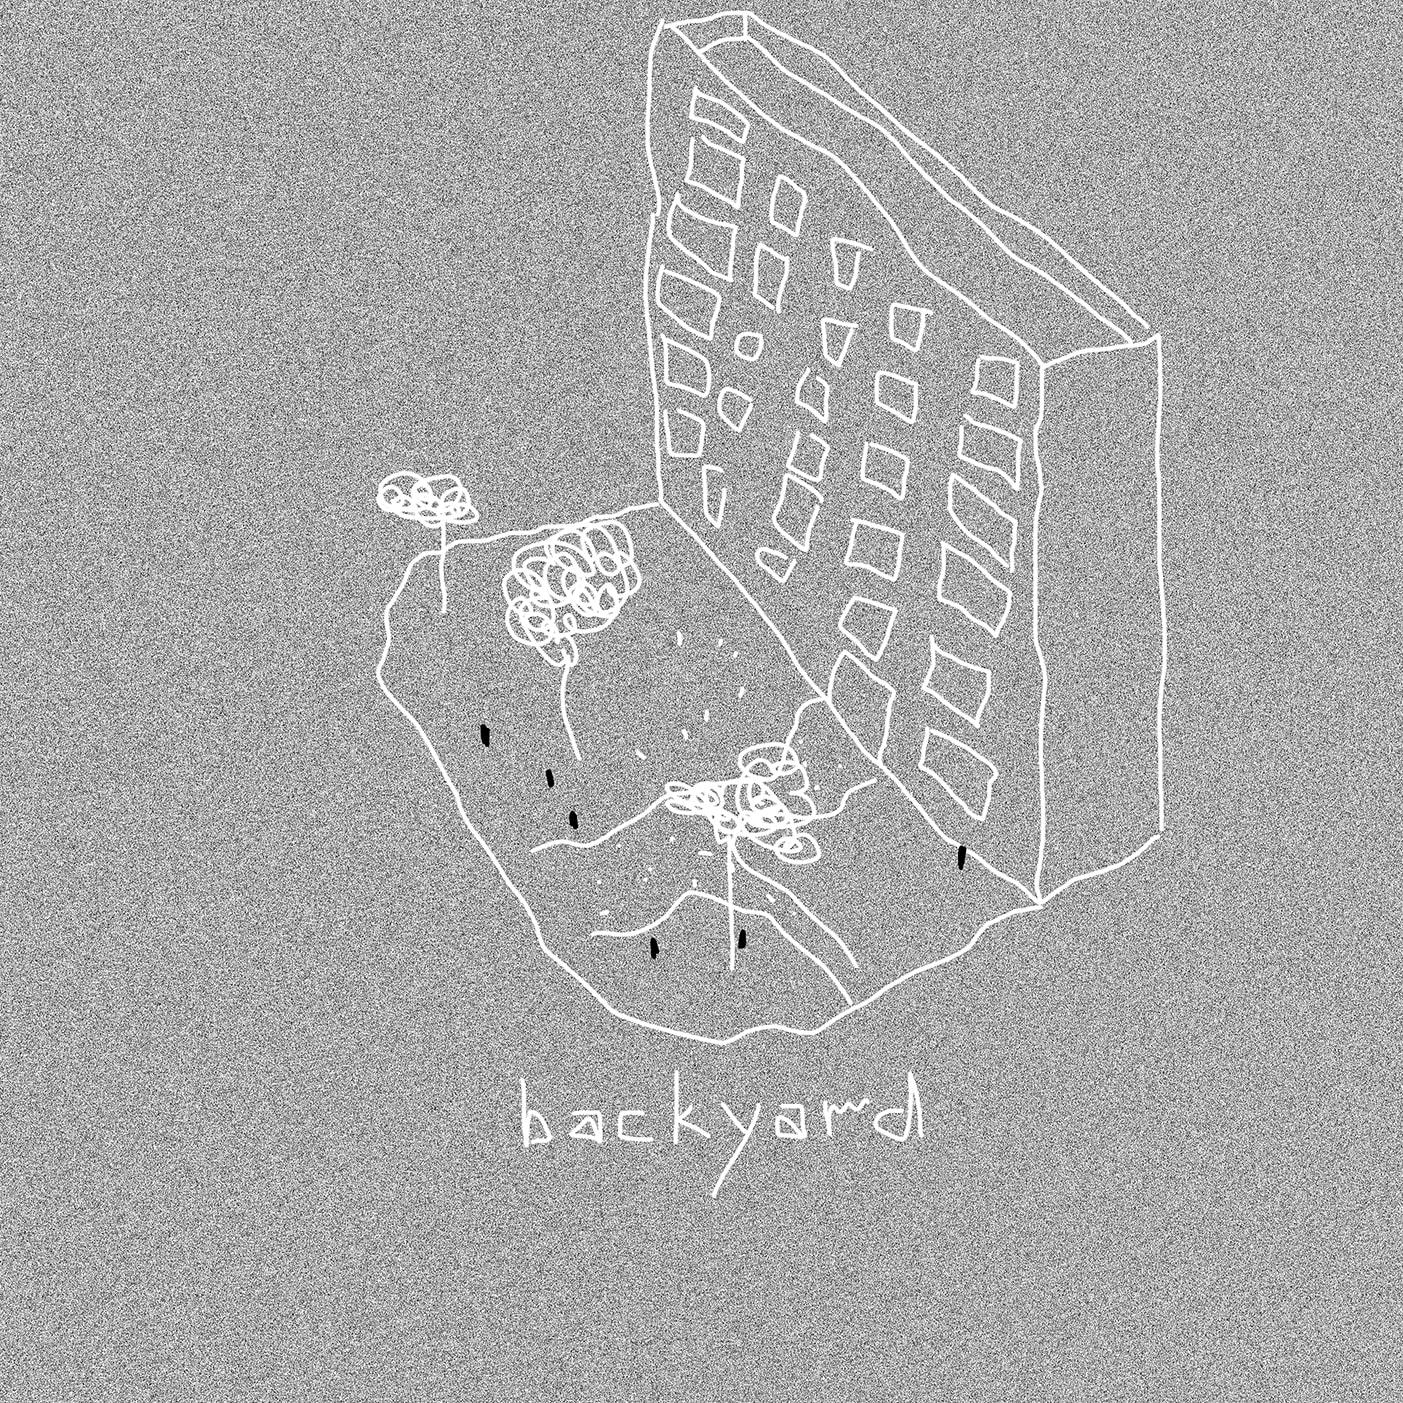 backyard1-120pxl